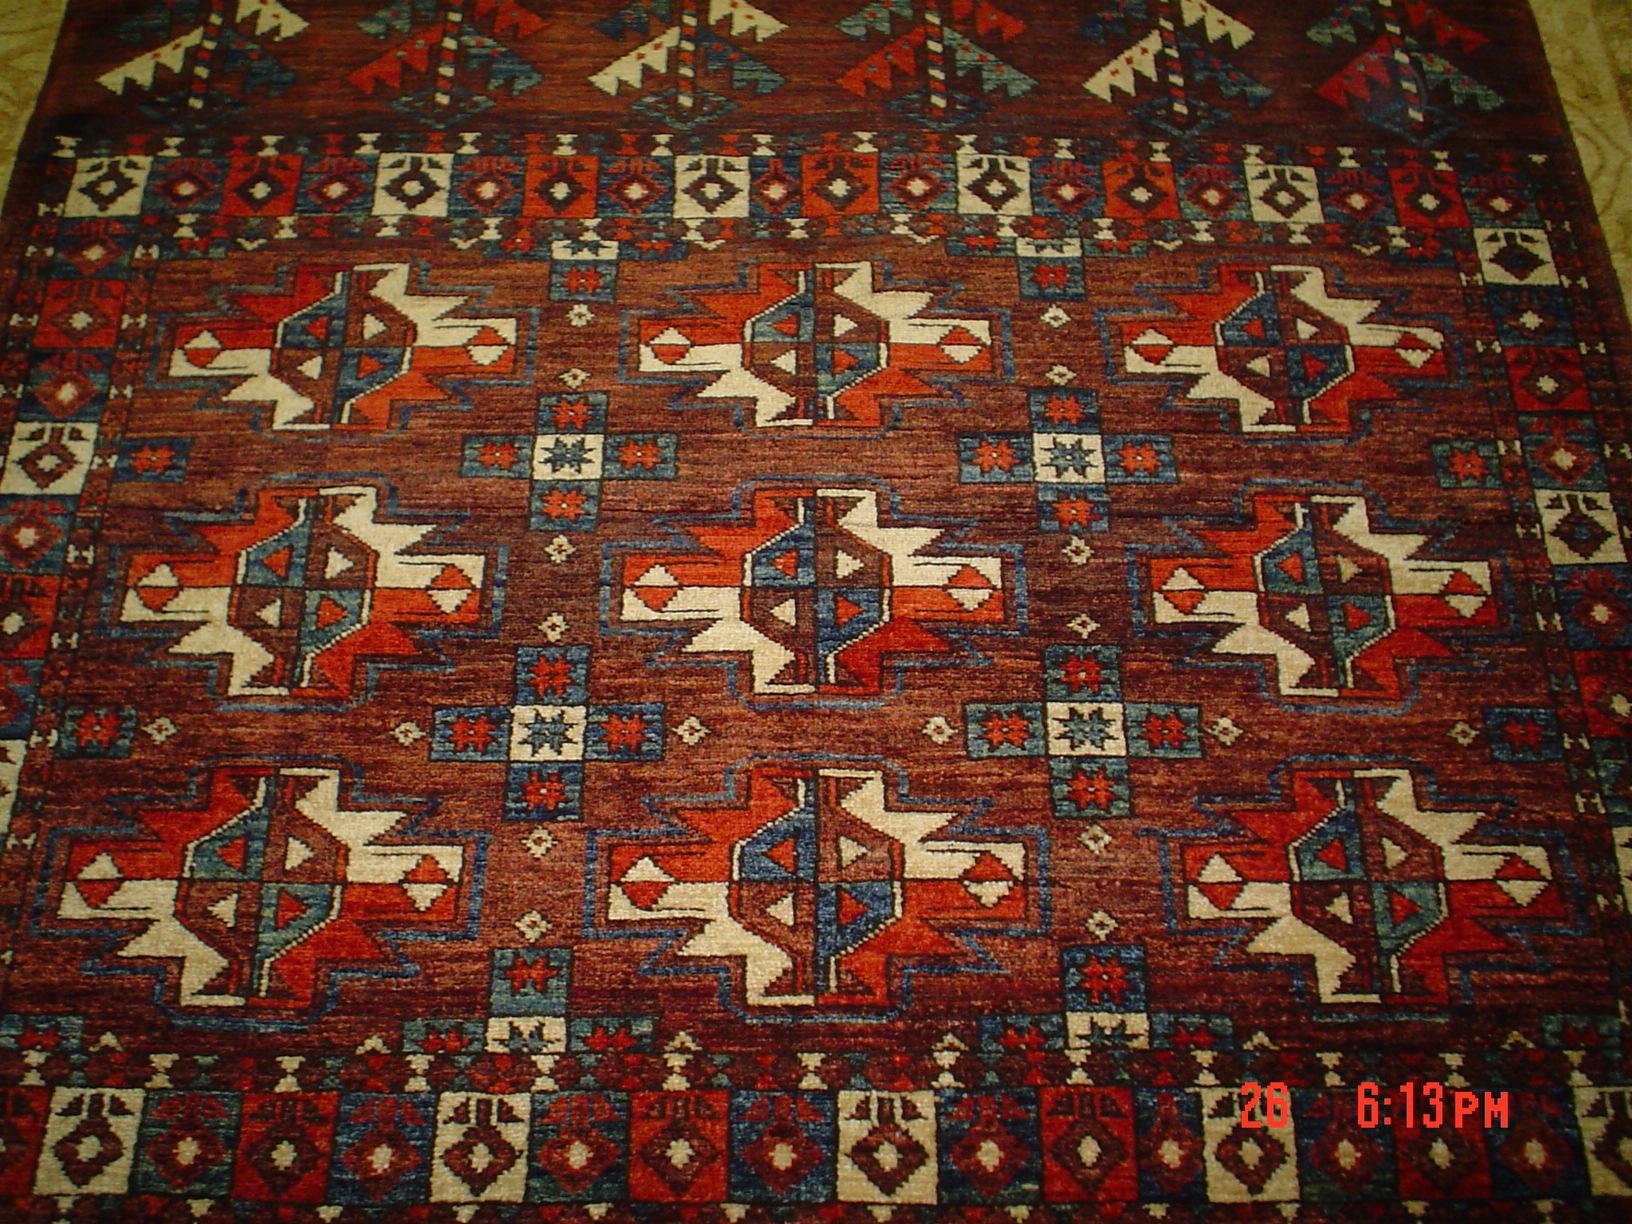 #3) 3.6 x 4 Yamut Turkoman rug